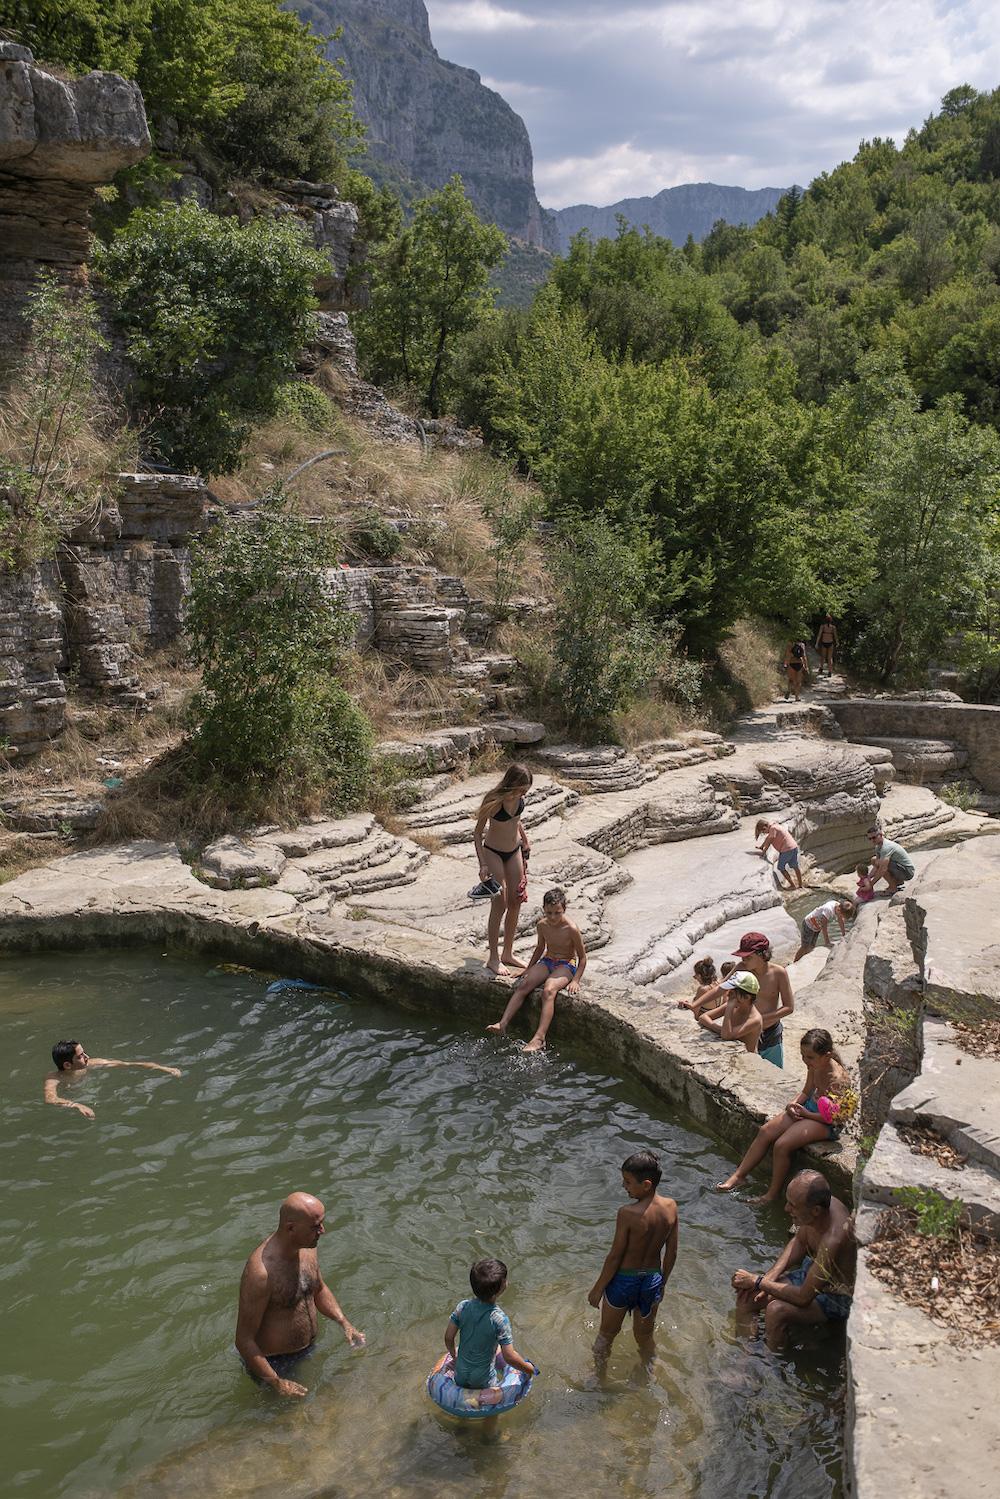 L'estate nelle piscine naturali di Ovires, Zagori, Epiro.